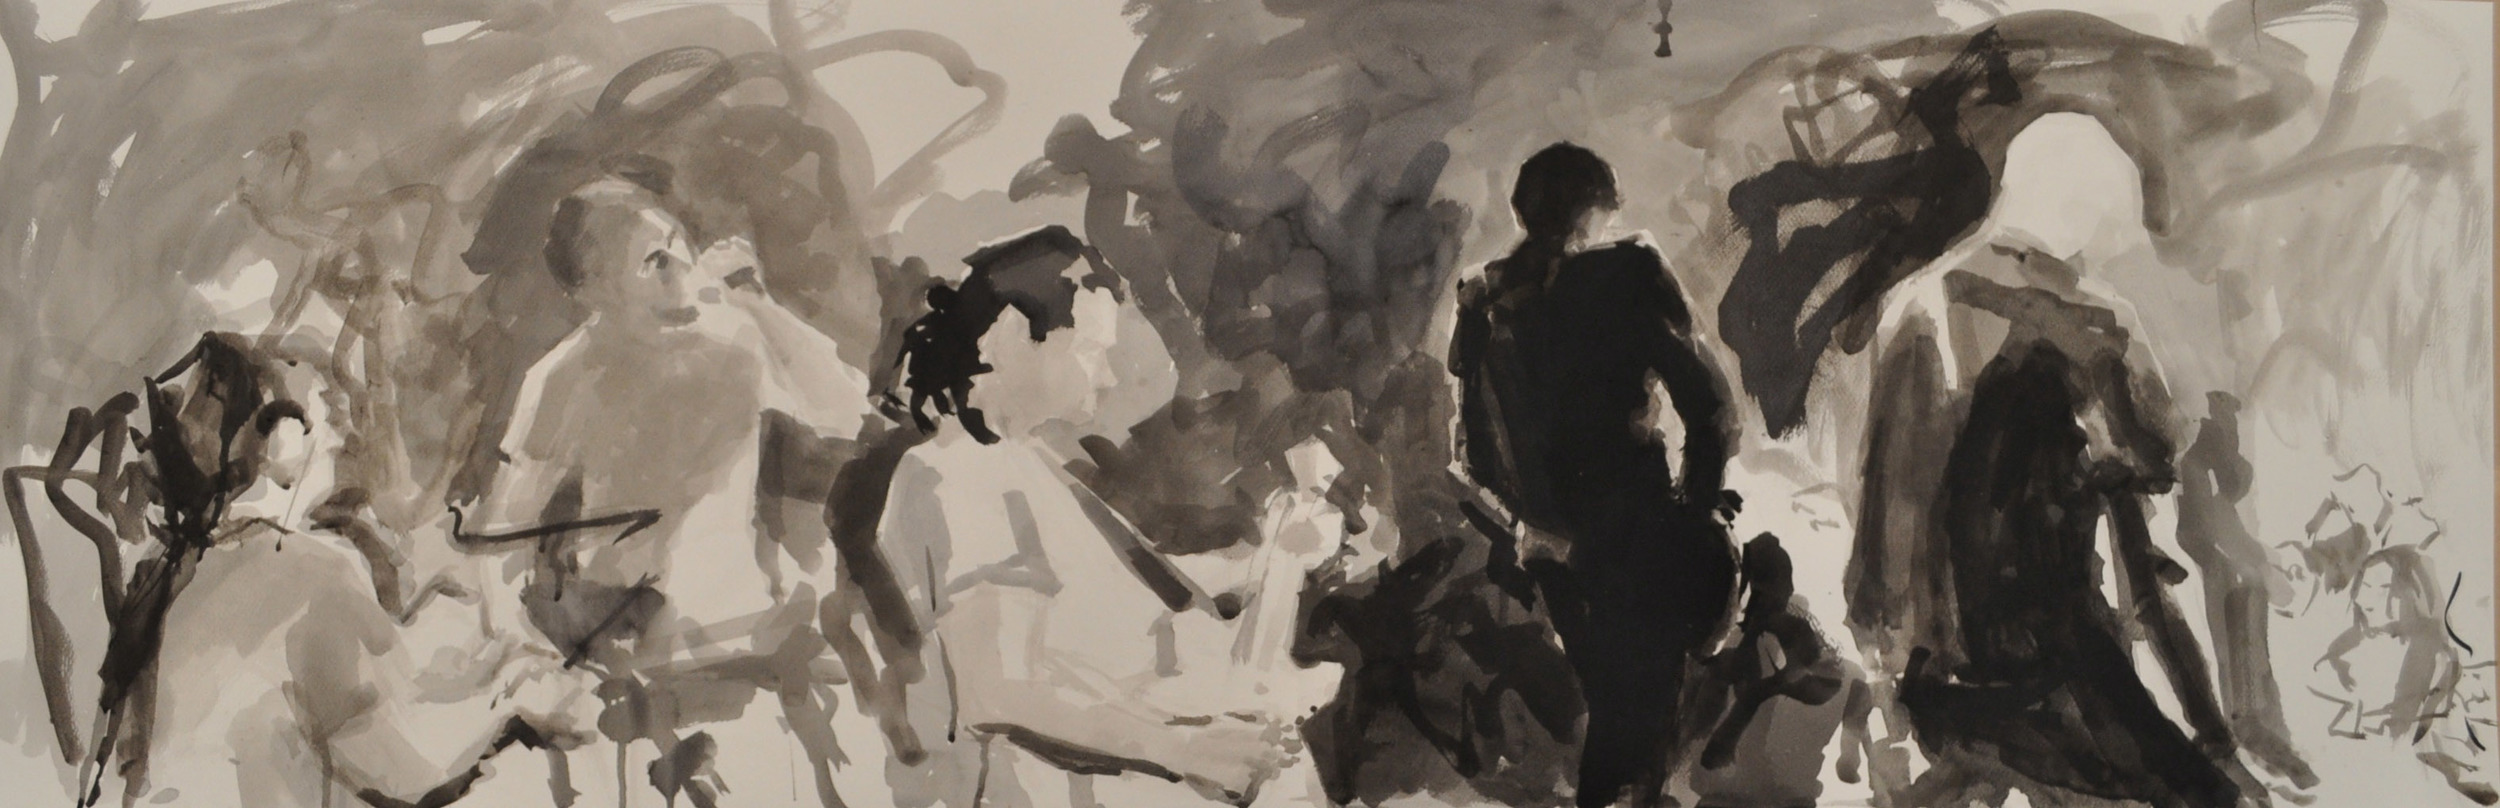 Islington Concert Jesus Jones Drawing